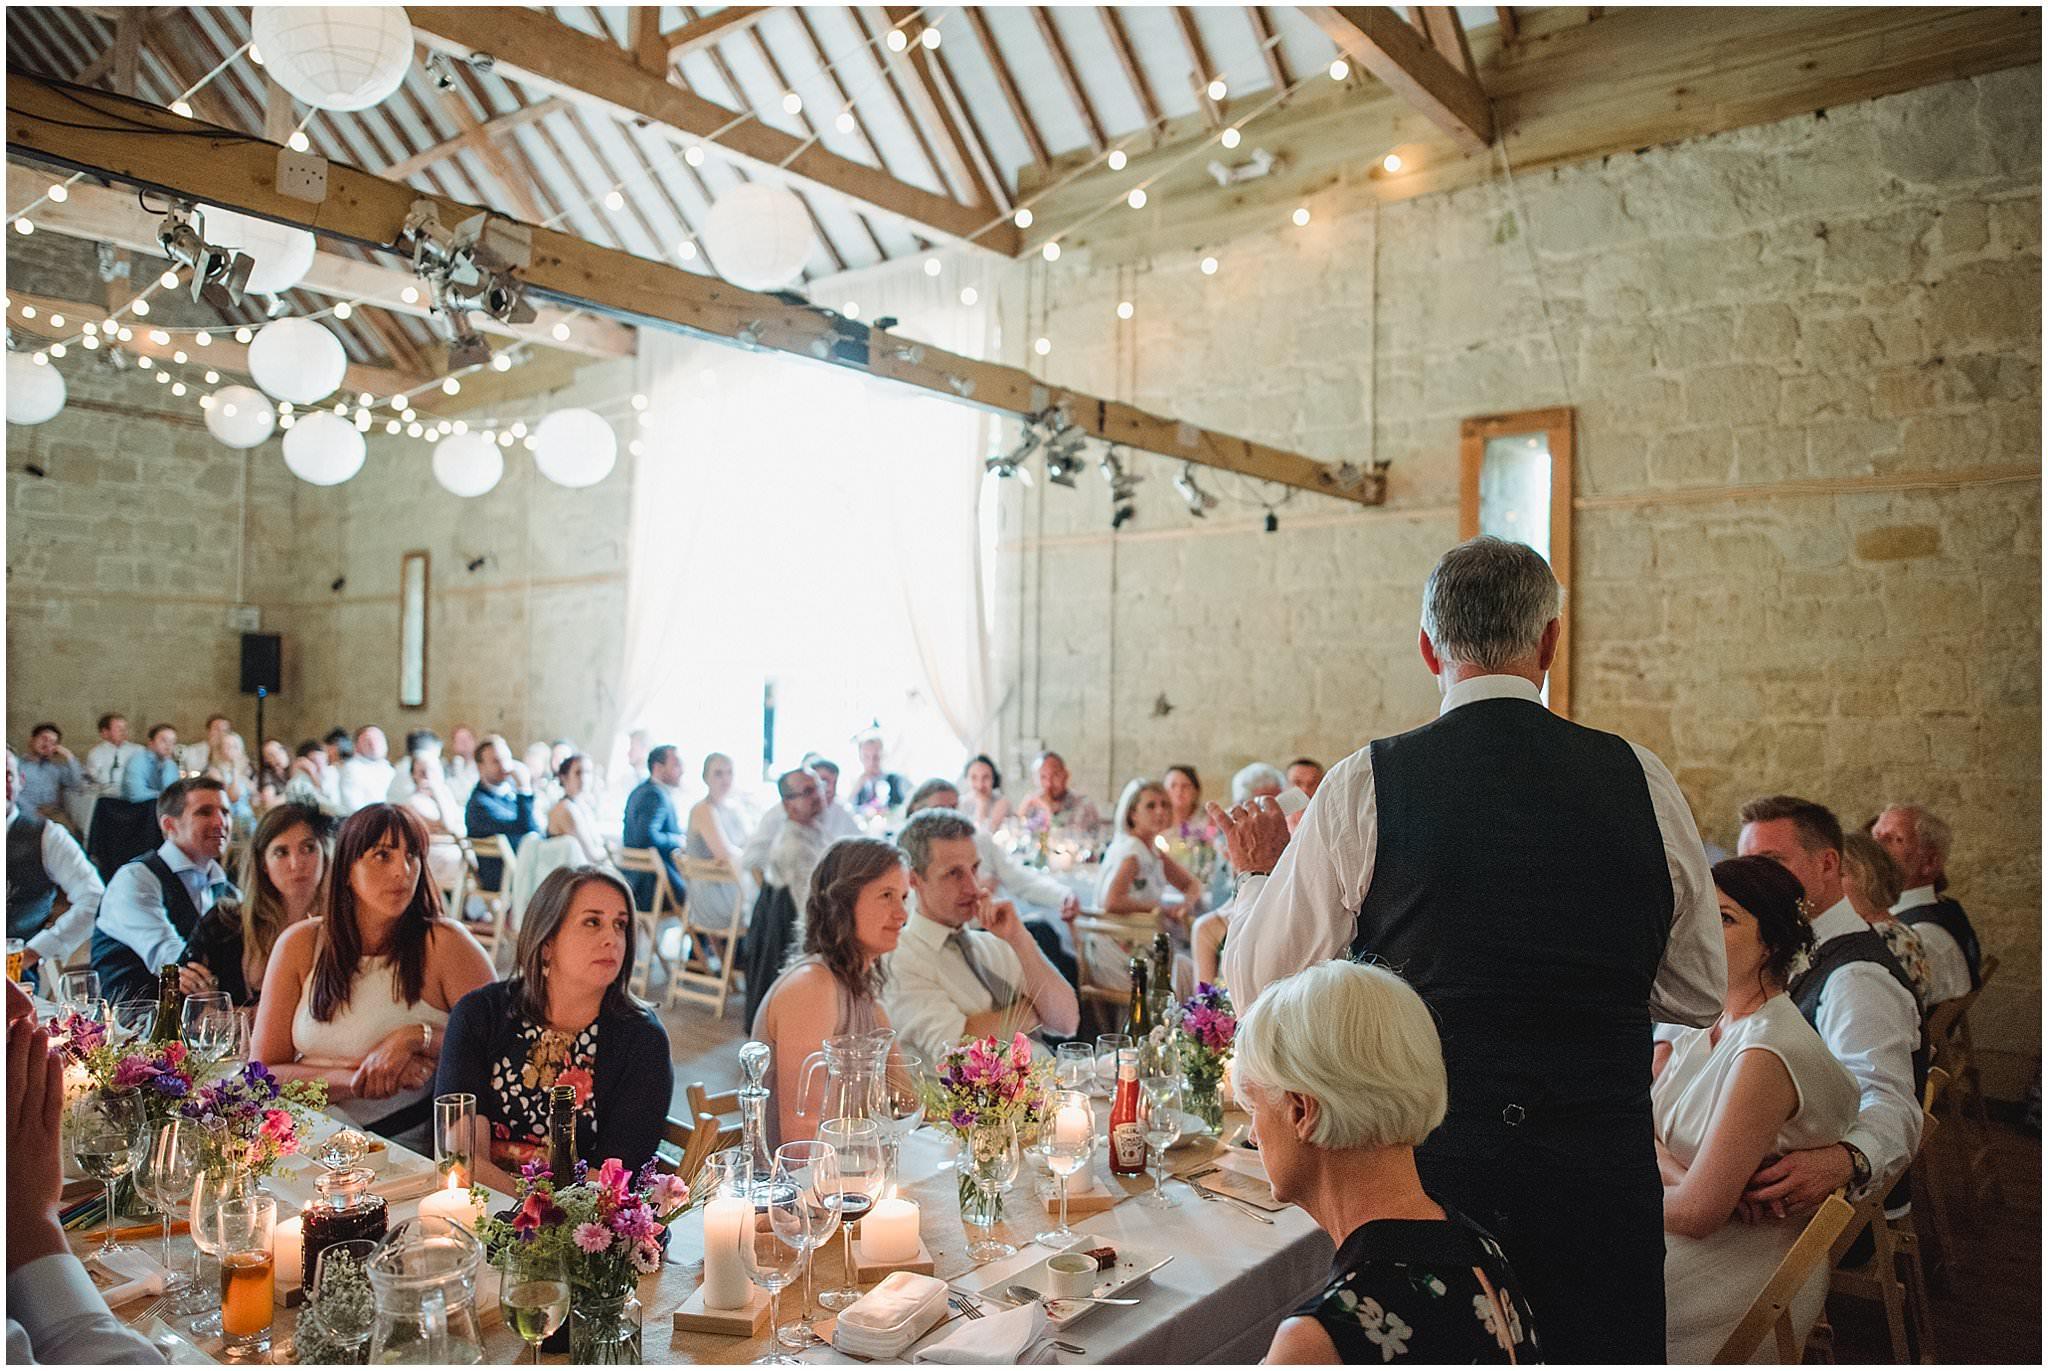 fay & tim wedding at ashley wood farm_0485